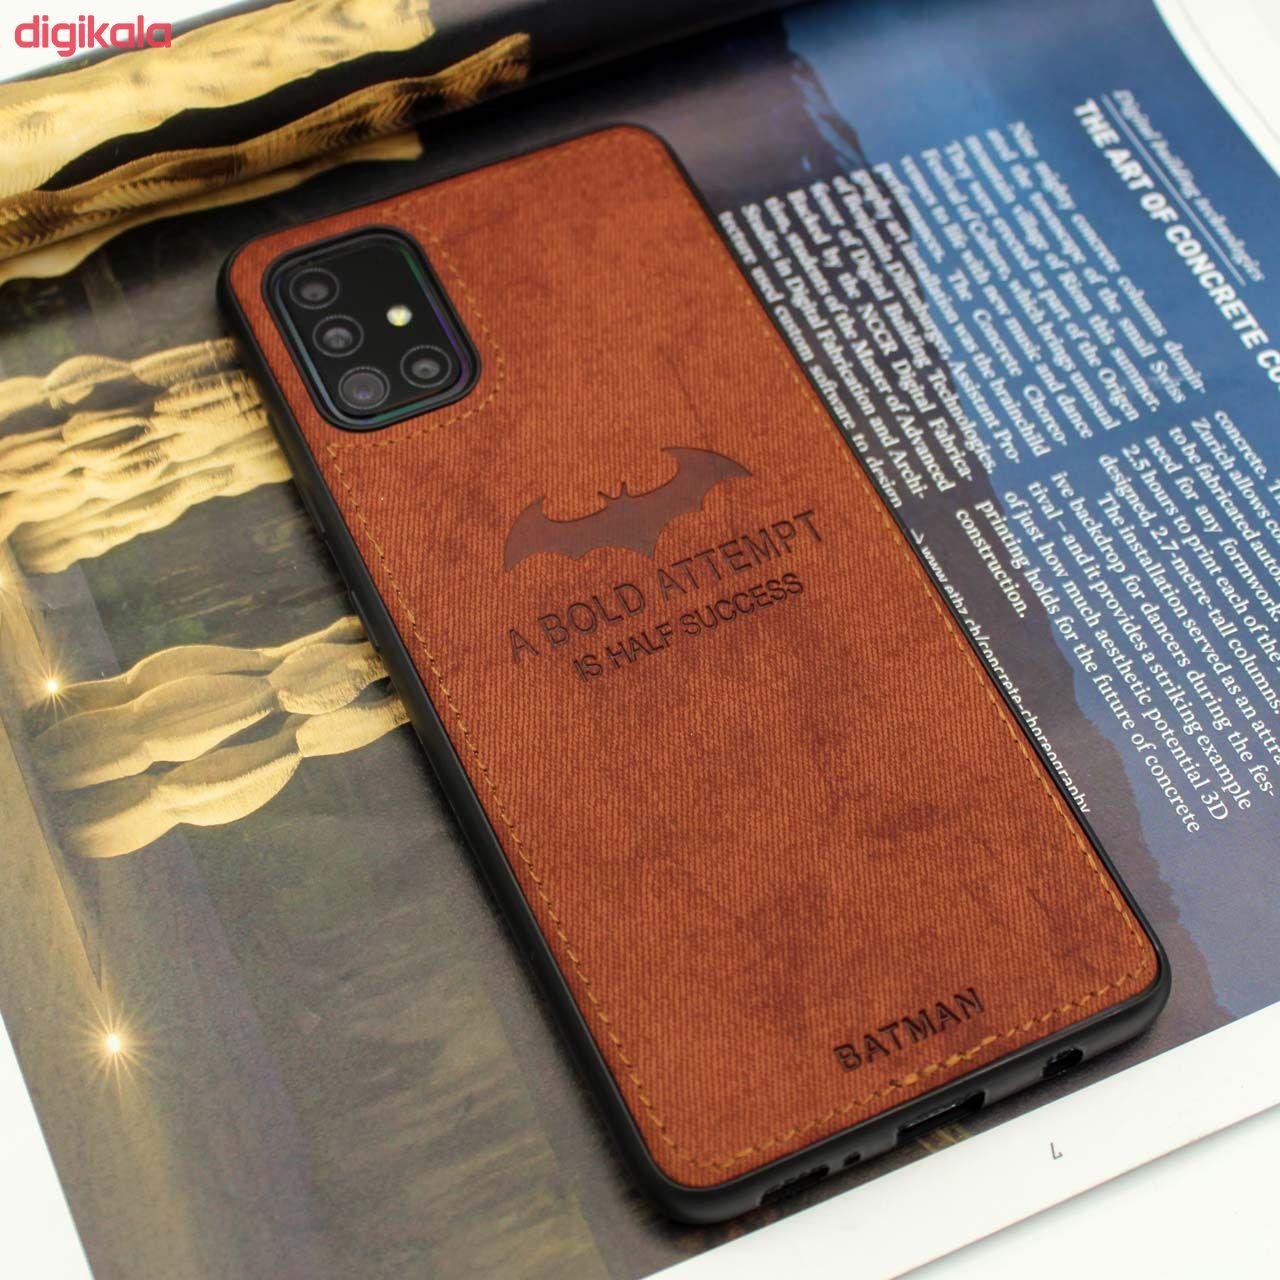 کاور کینگ پاور مدل BT21 مناسب برای گوشی موبایل سامسونگ Galaxy A51